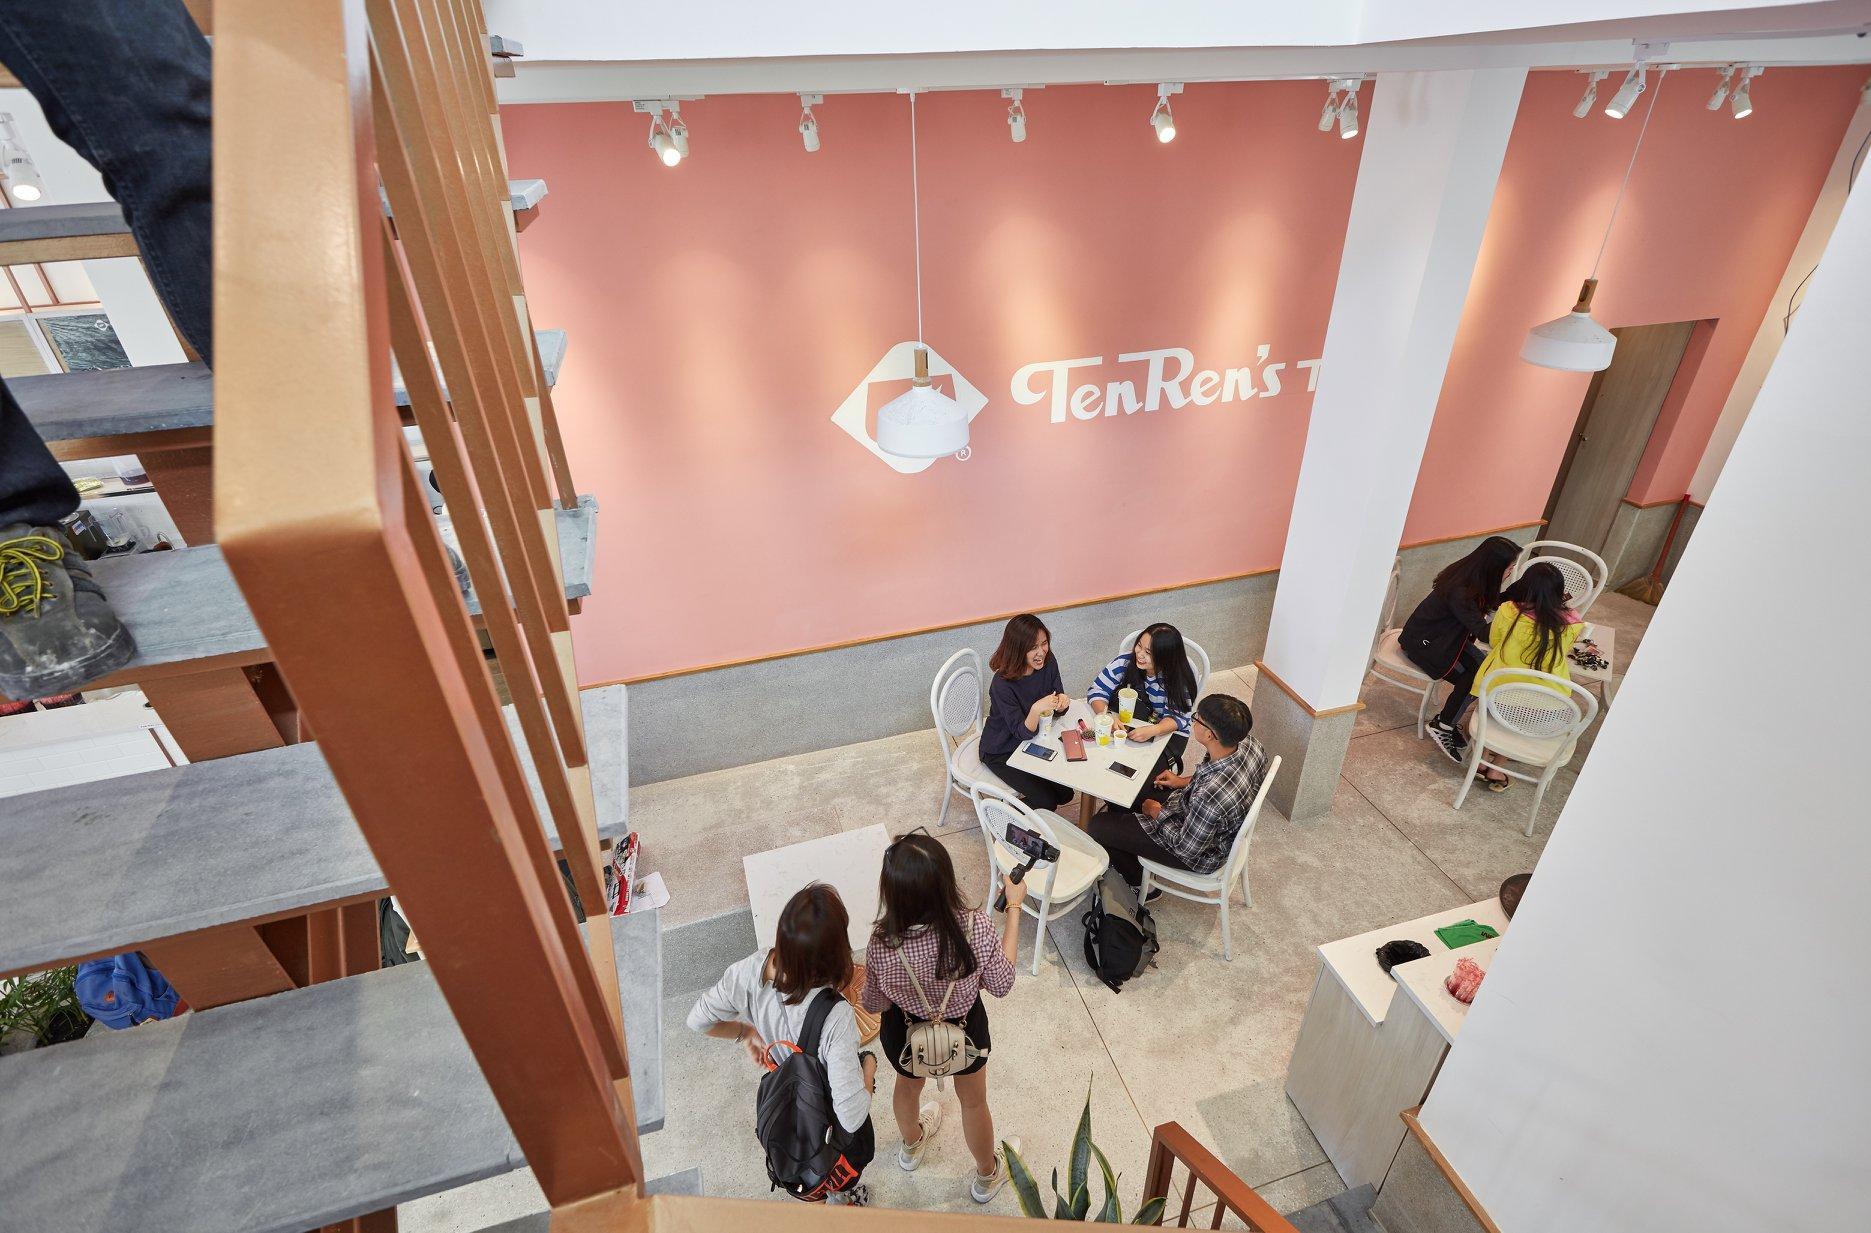 Sau gần 1 năm ra mắt, Ten Ren chính thức cán mốc 20 cửa hàng tại Việt Nam - Ảnh 5.